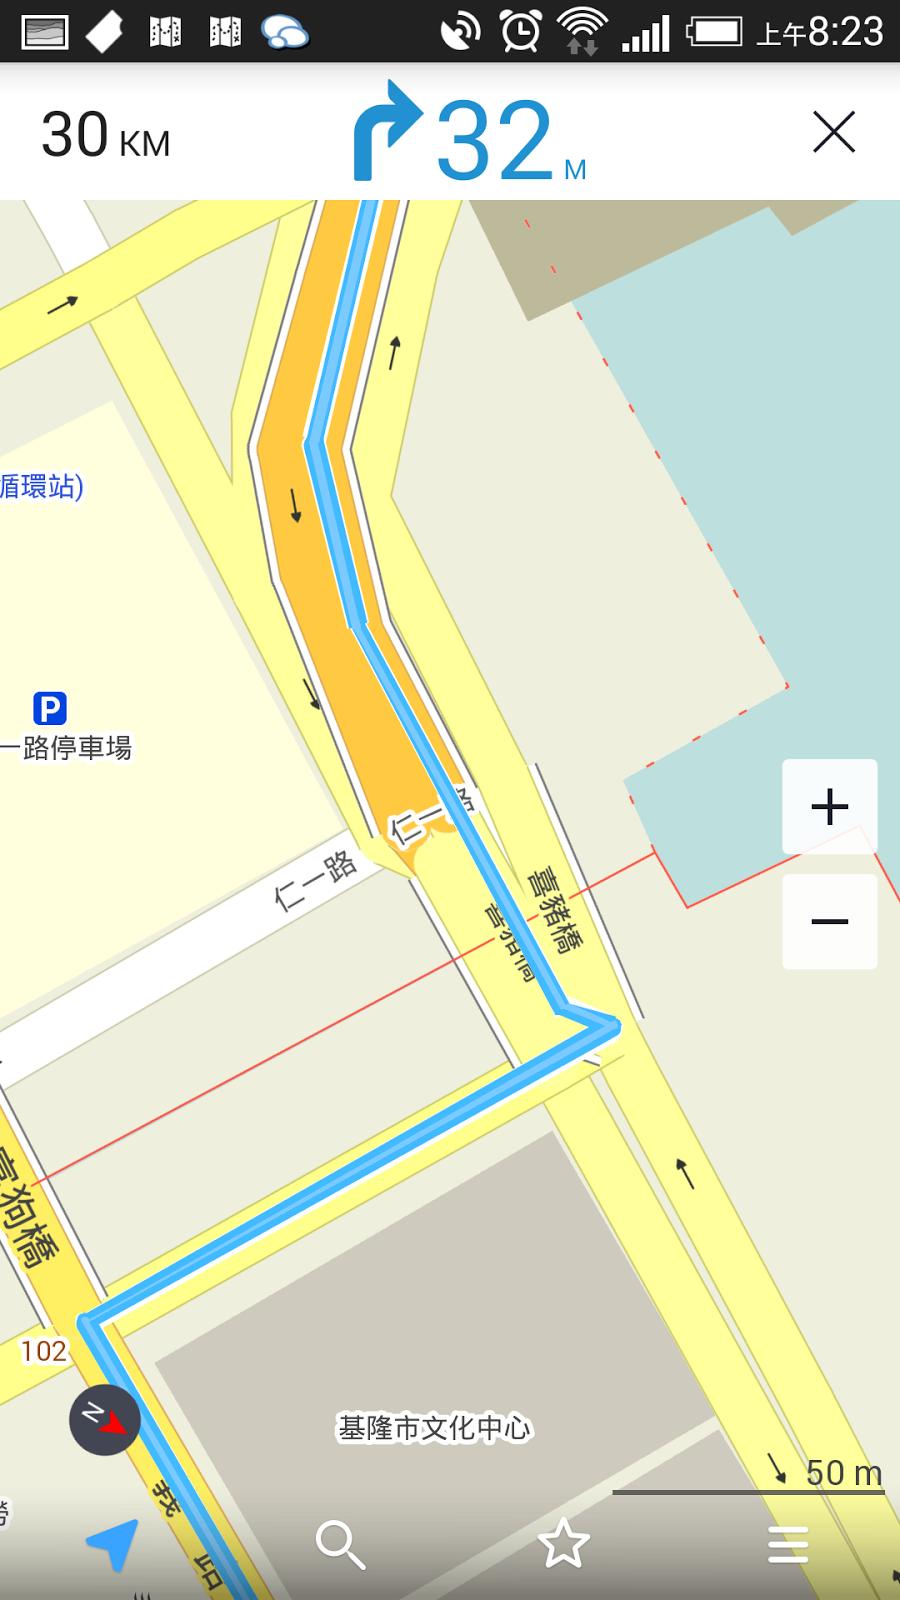 臺灣版 Google 地圖欠缺功能就用這 11 款 App 補足